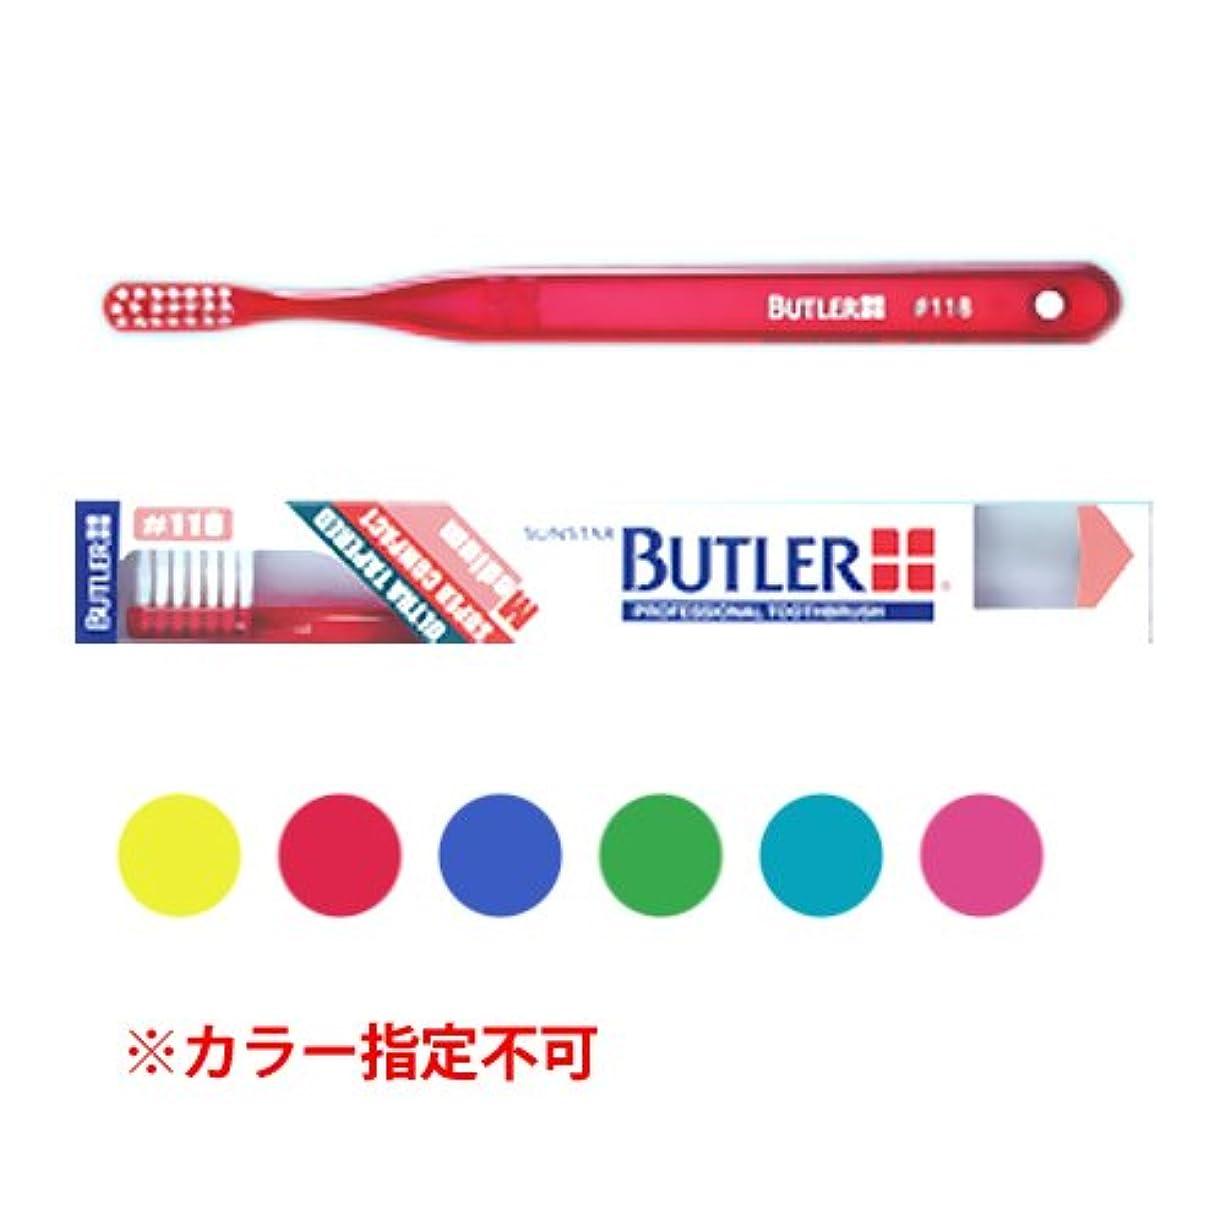 安息トン受信バトラー 歯ブラシ 1本 #118